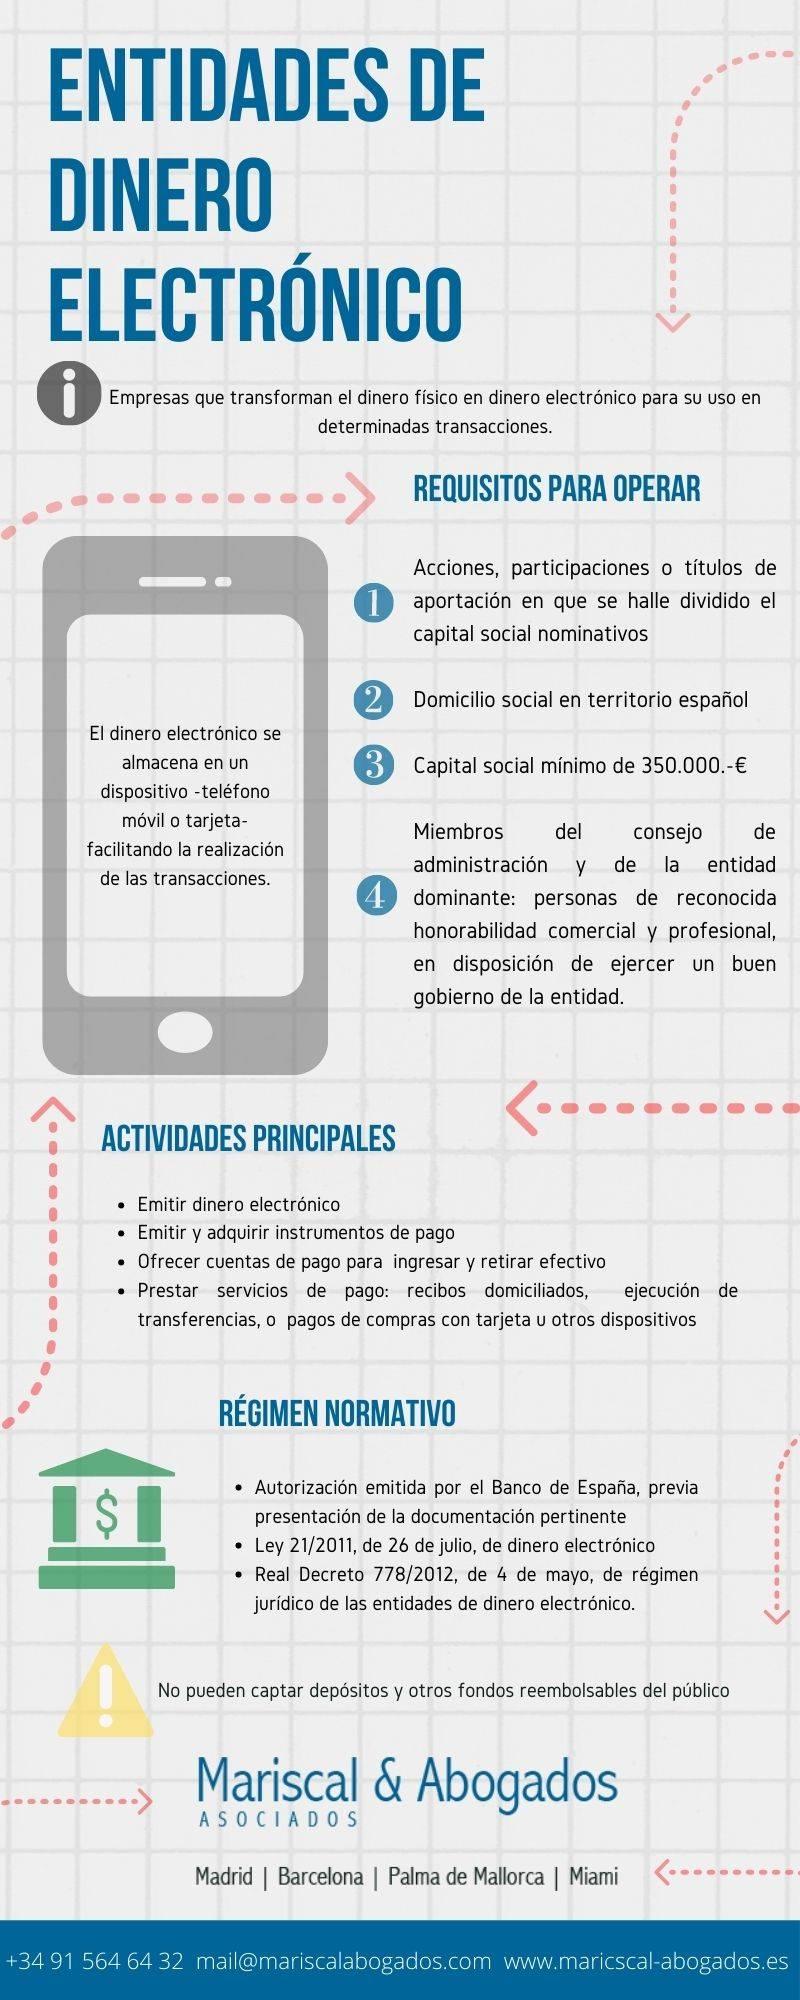 Entidades de Dinero Electrónico en España